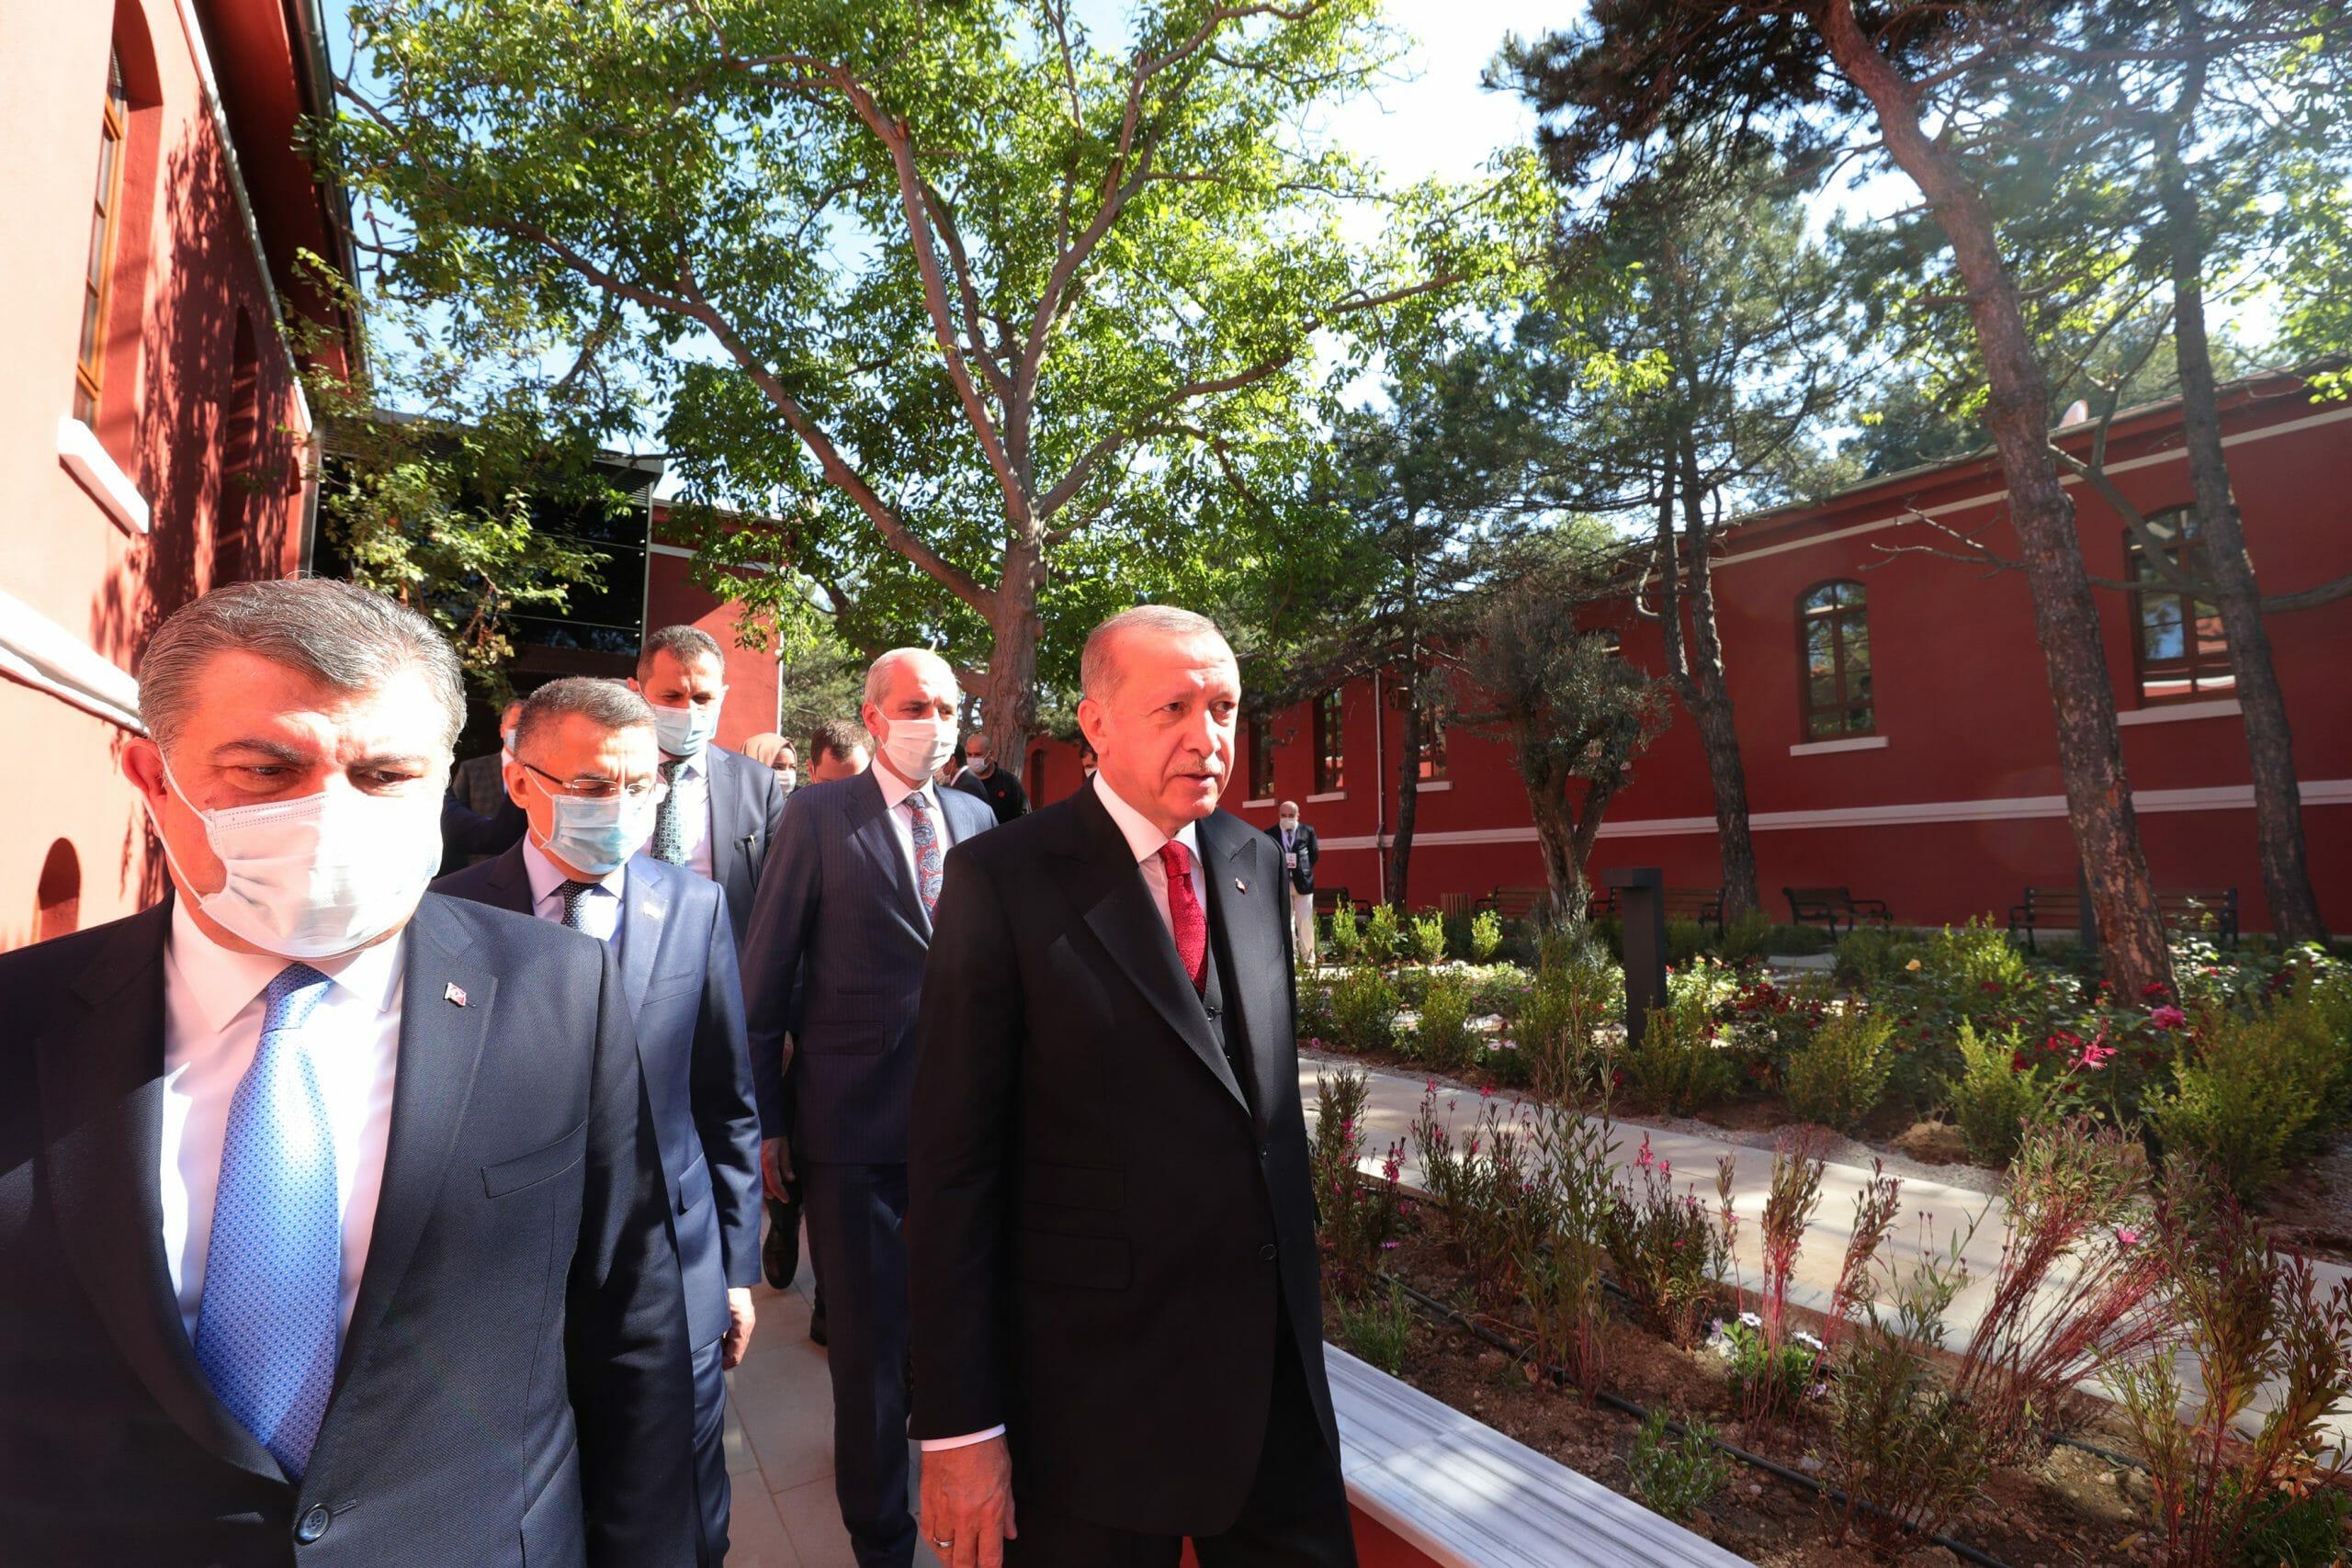 """20200531 2 42726252 55505427 scaled - أردوغان يعيد افتتاح مستشفى """"حميدية"""" التاريخي"""